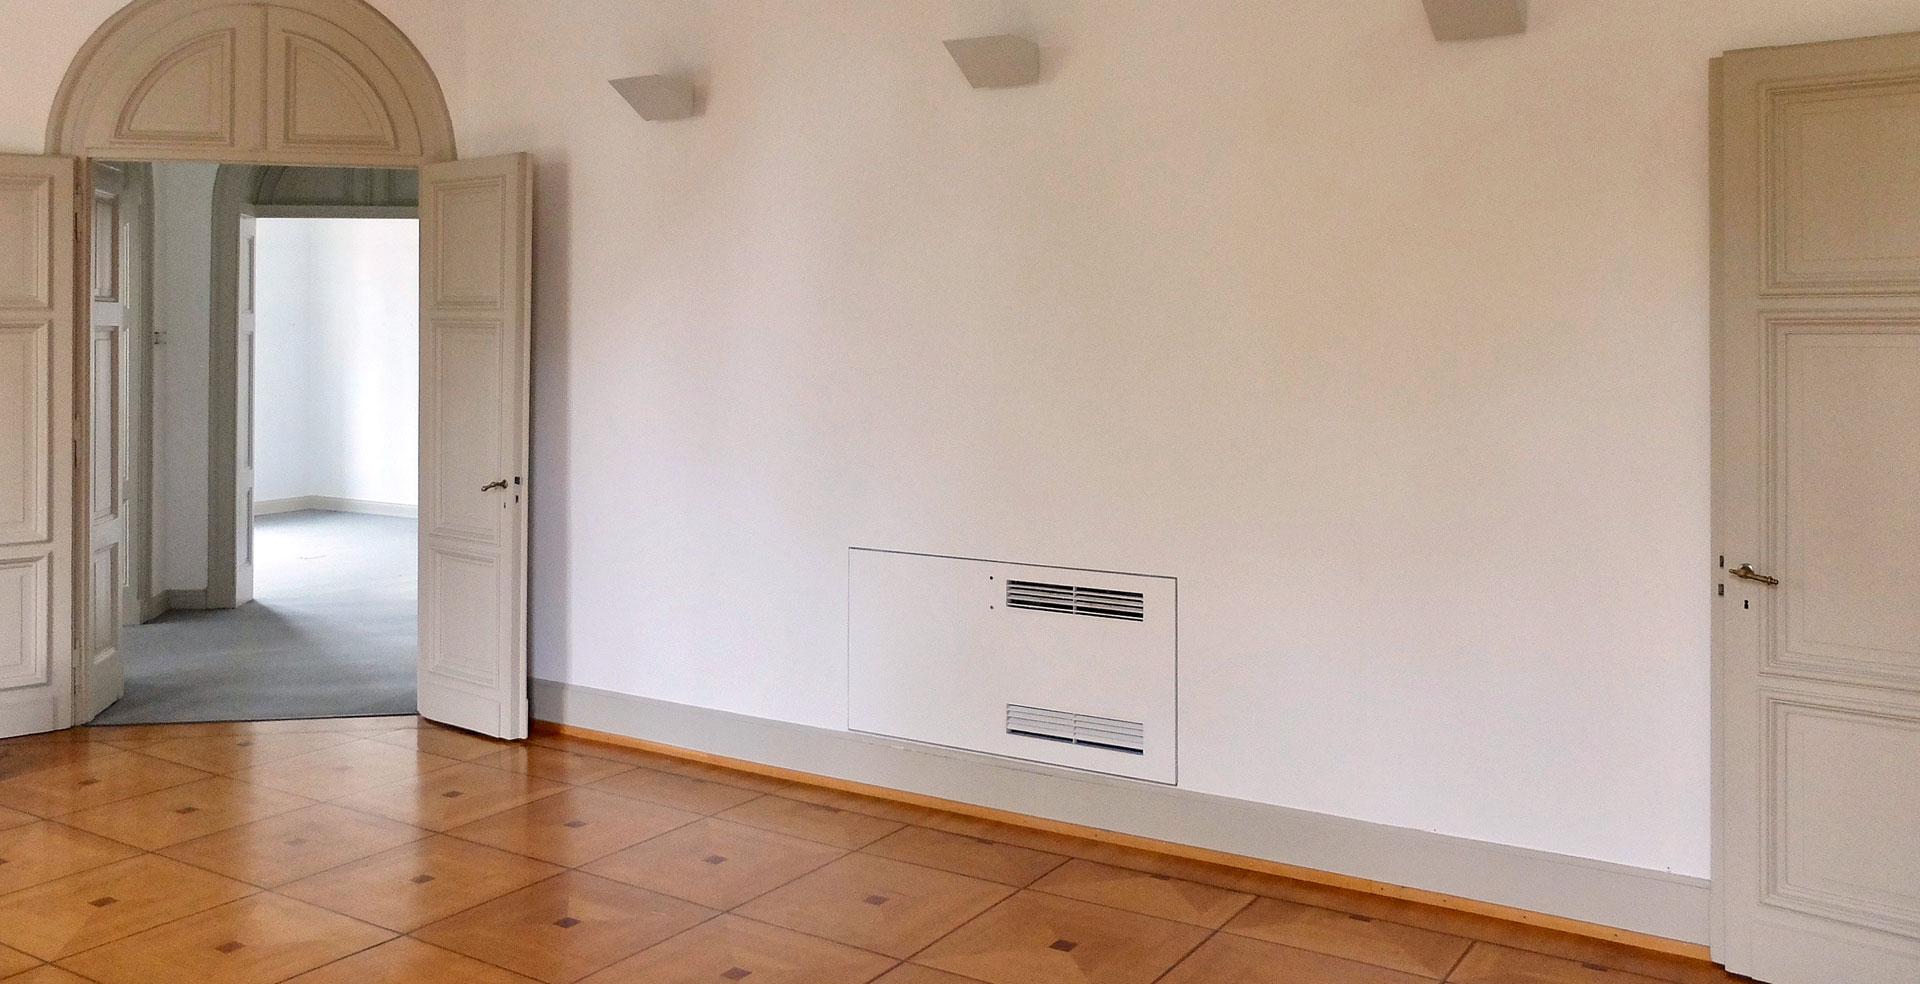 Kunstmuseum Ahlen | Ausstellungsraum | 1. OG Altbau